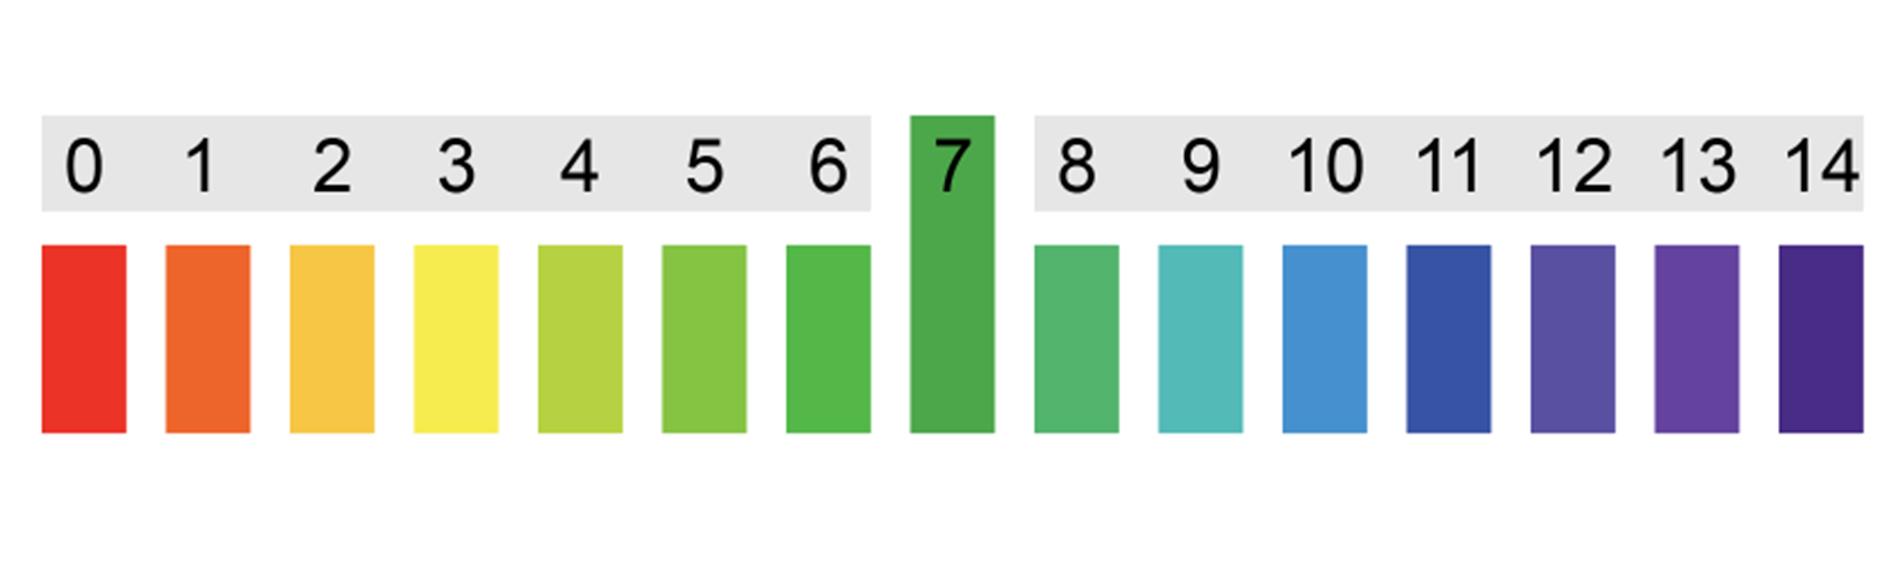 Travailler sur base de valeurs de pH dans le secteur du nettoyage